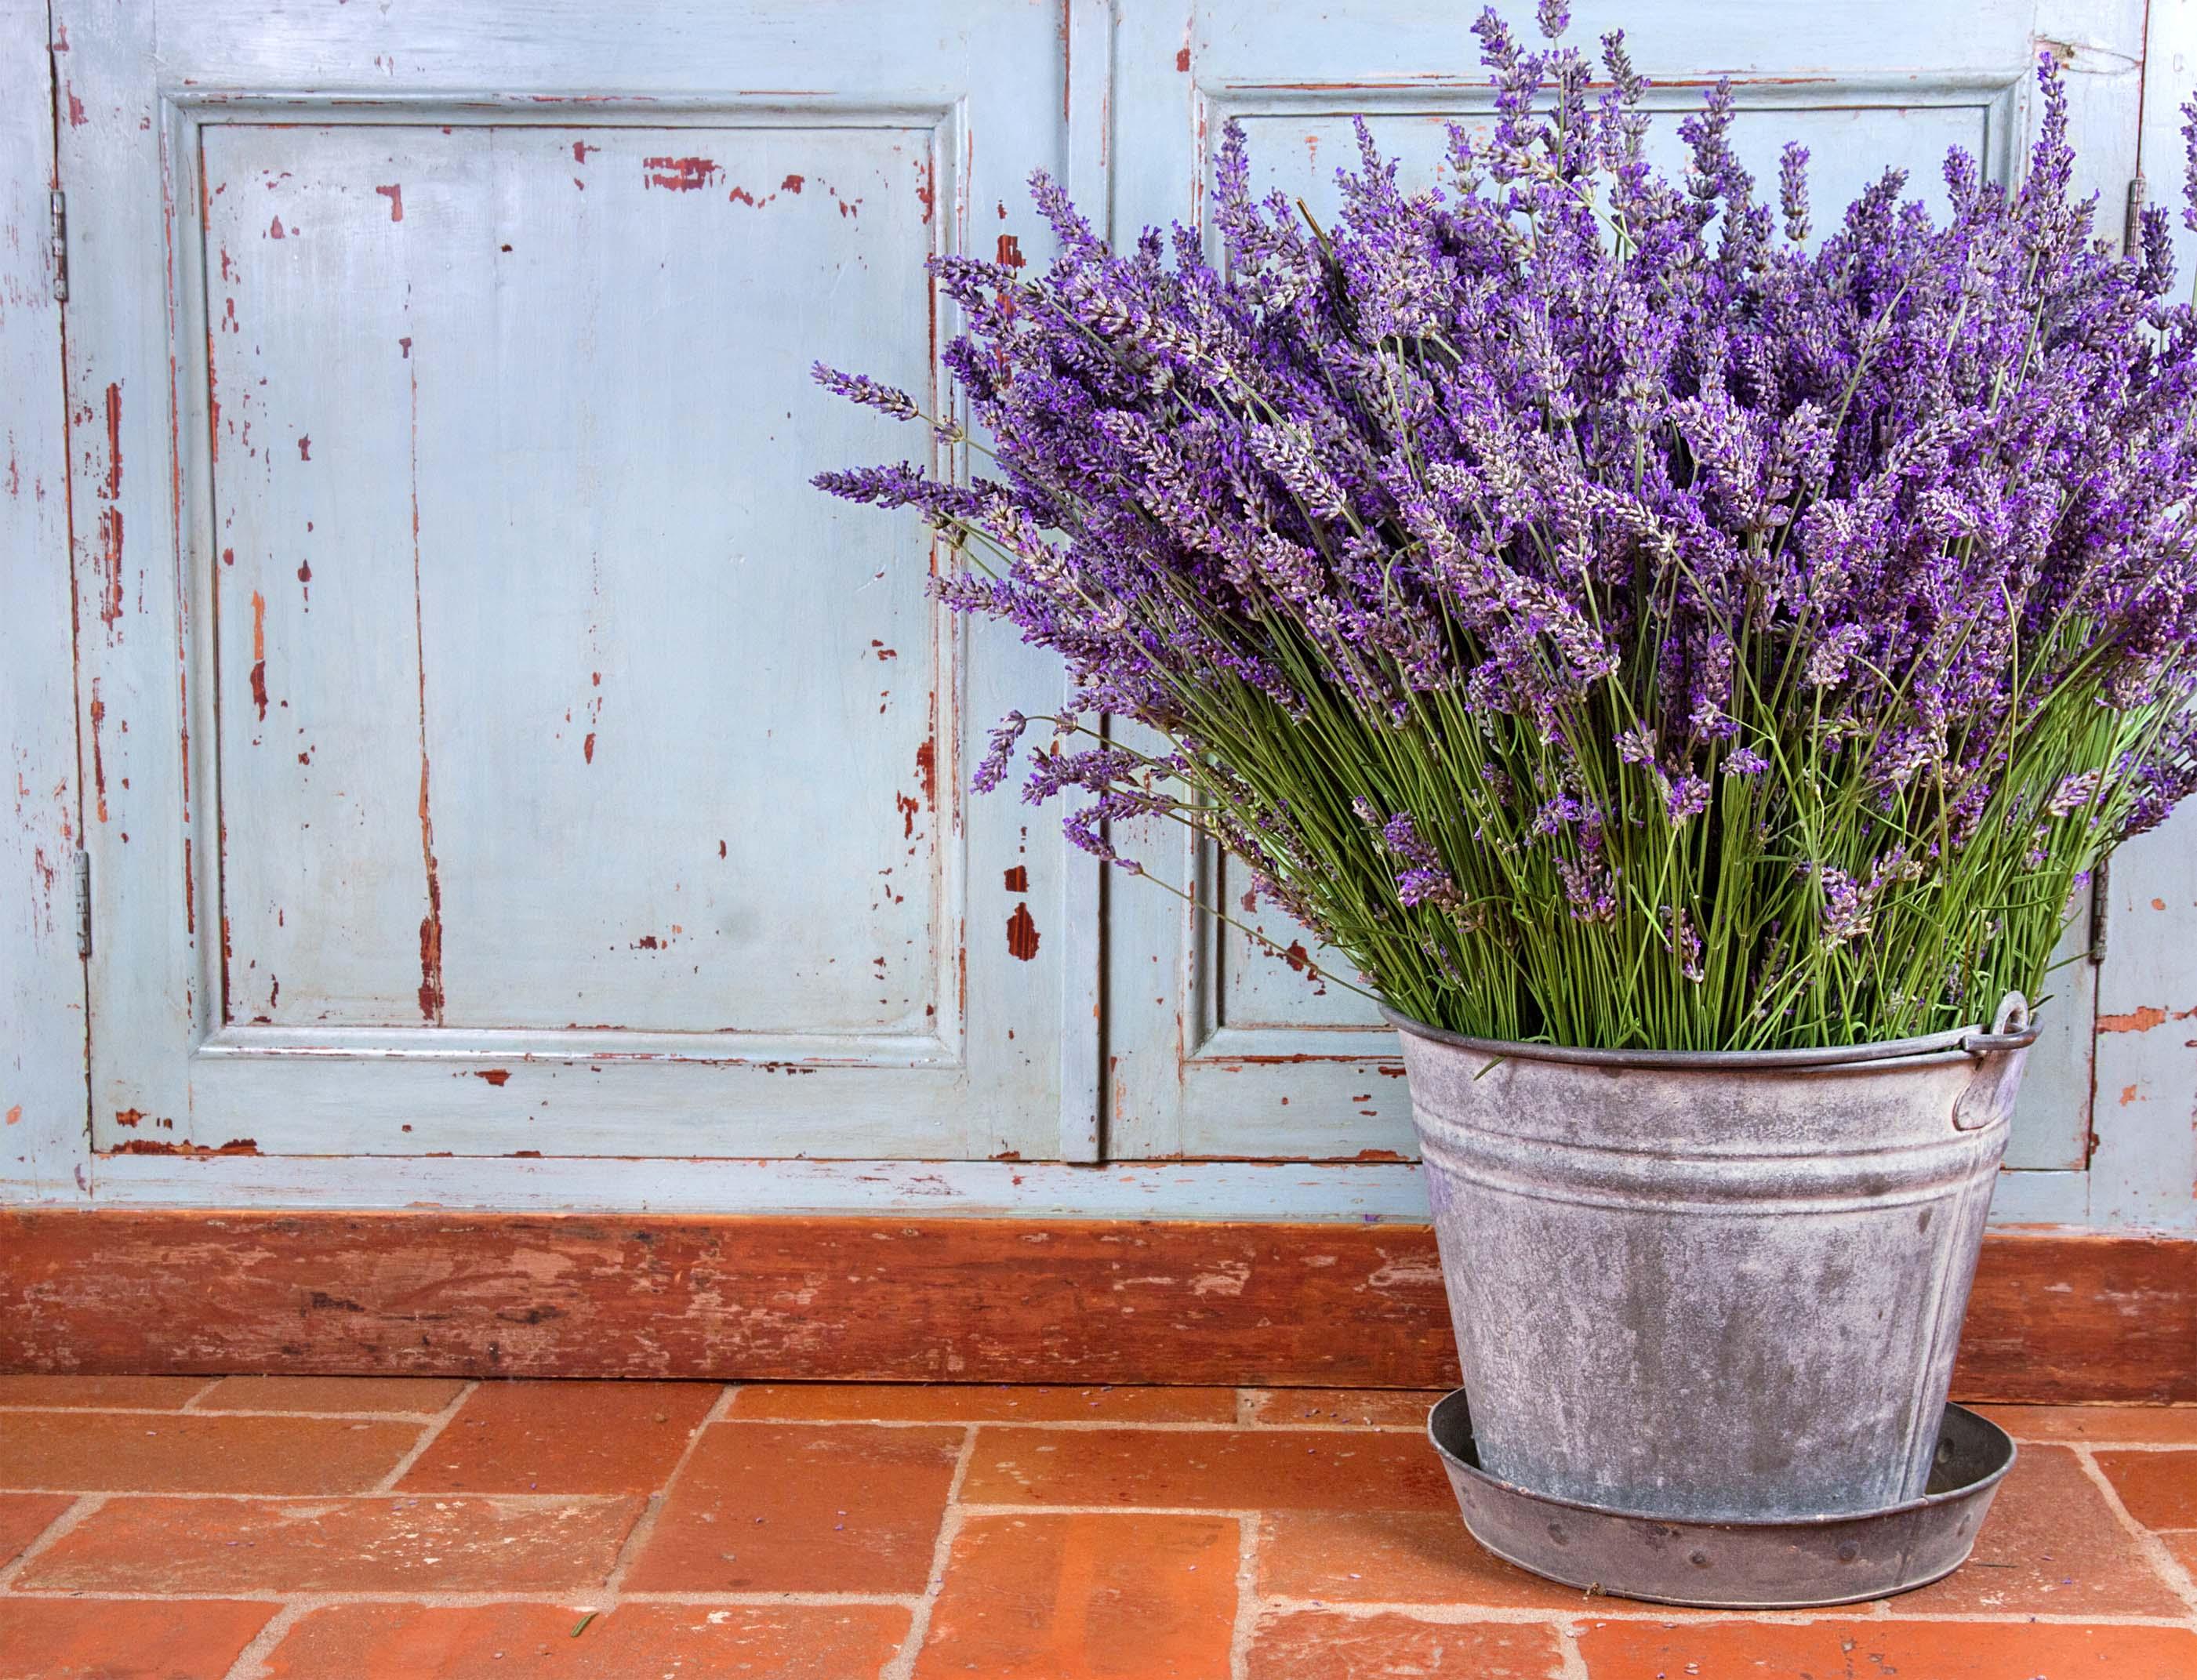 Không cần tinh dầu hay xịt phòng, ngôi nhà của chị em sẽ thơm mát hơn nhờ trong những loại cây này! - Ảnh 3.